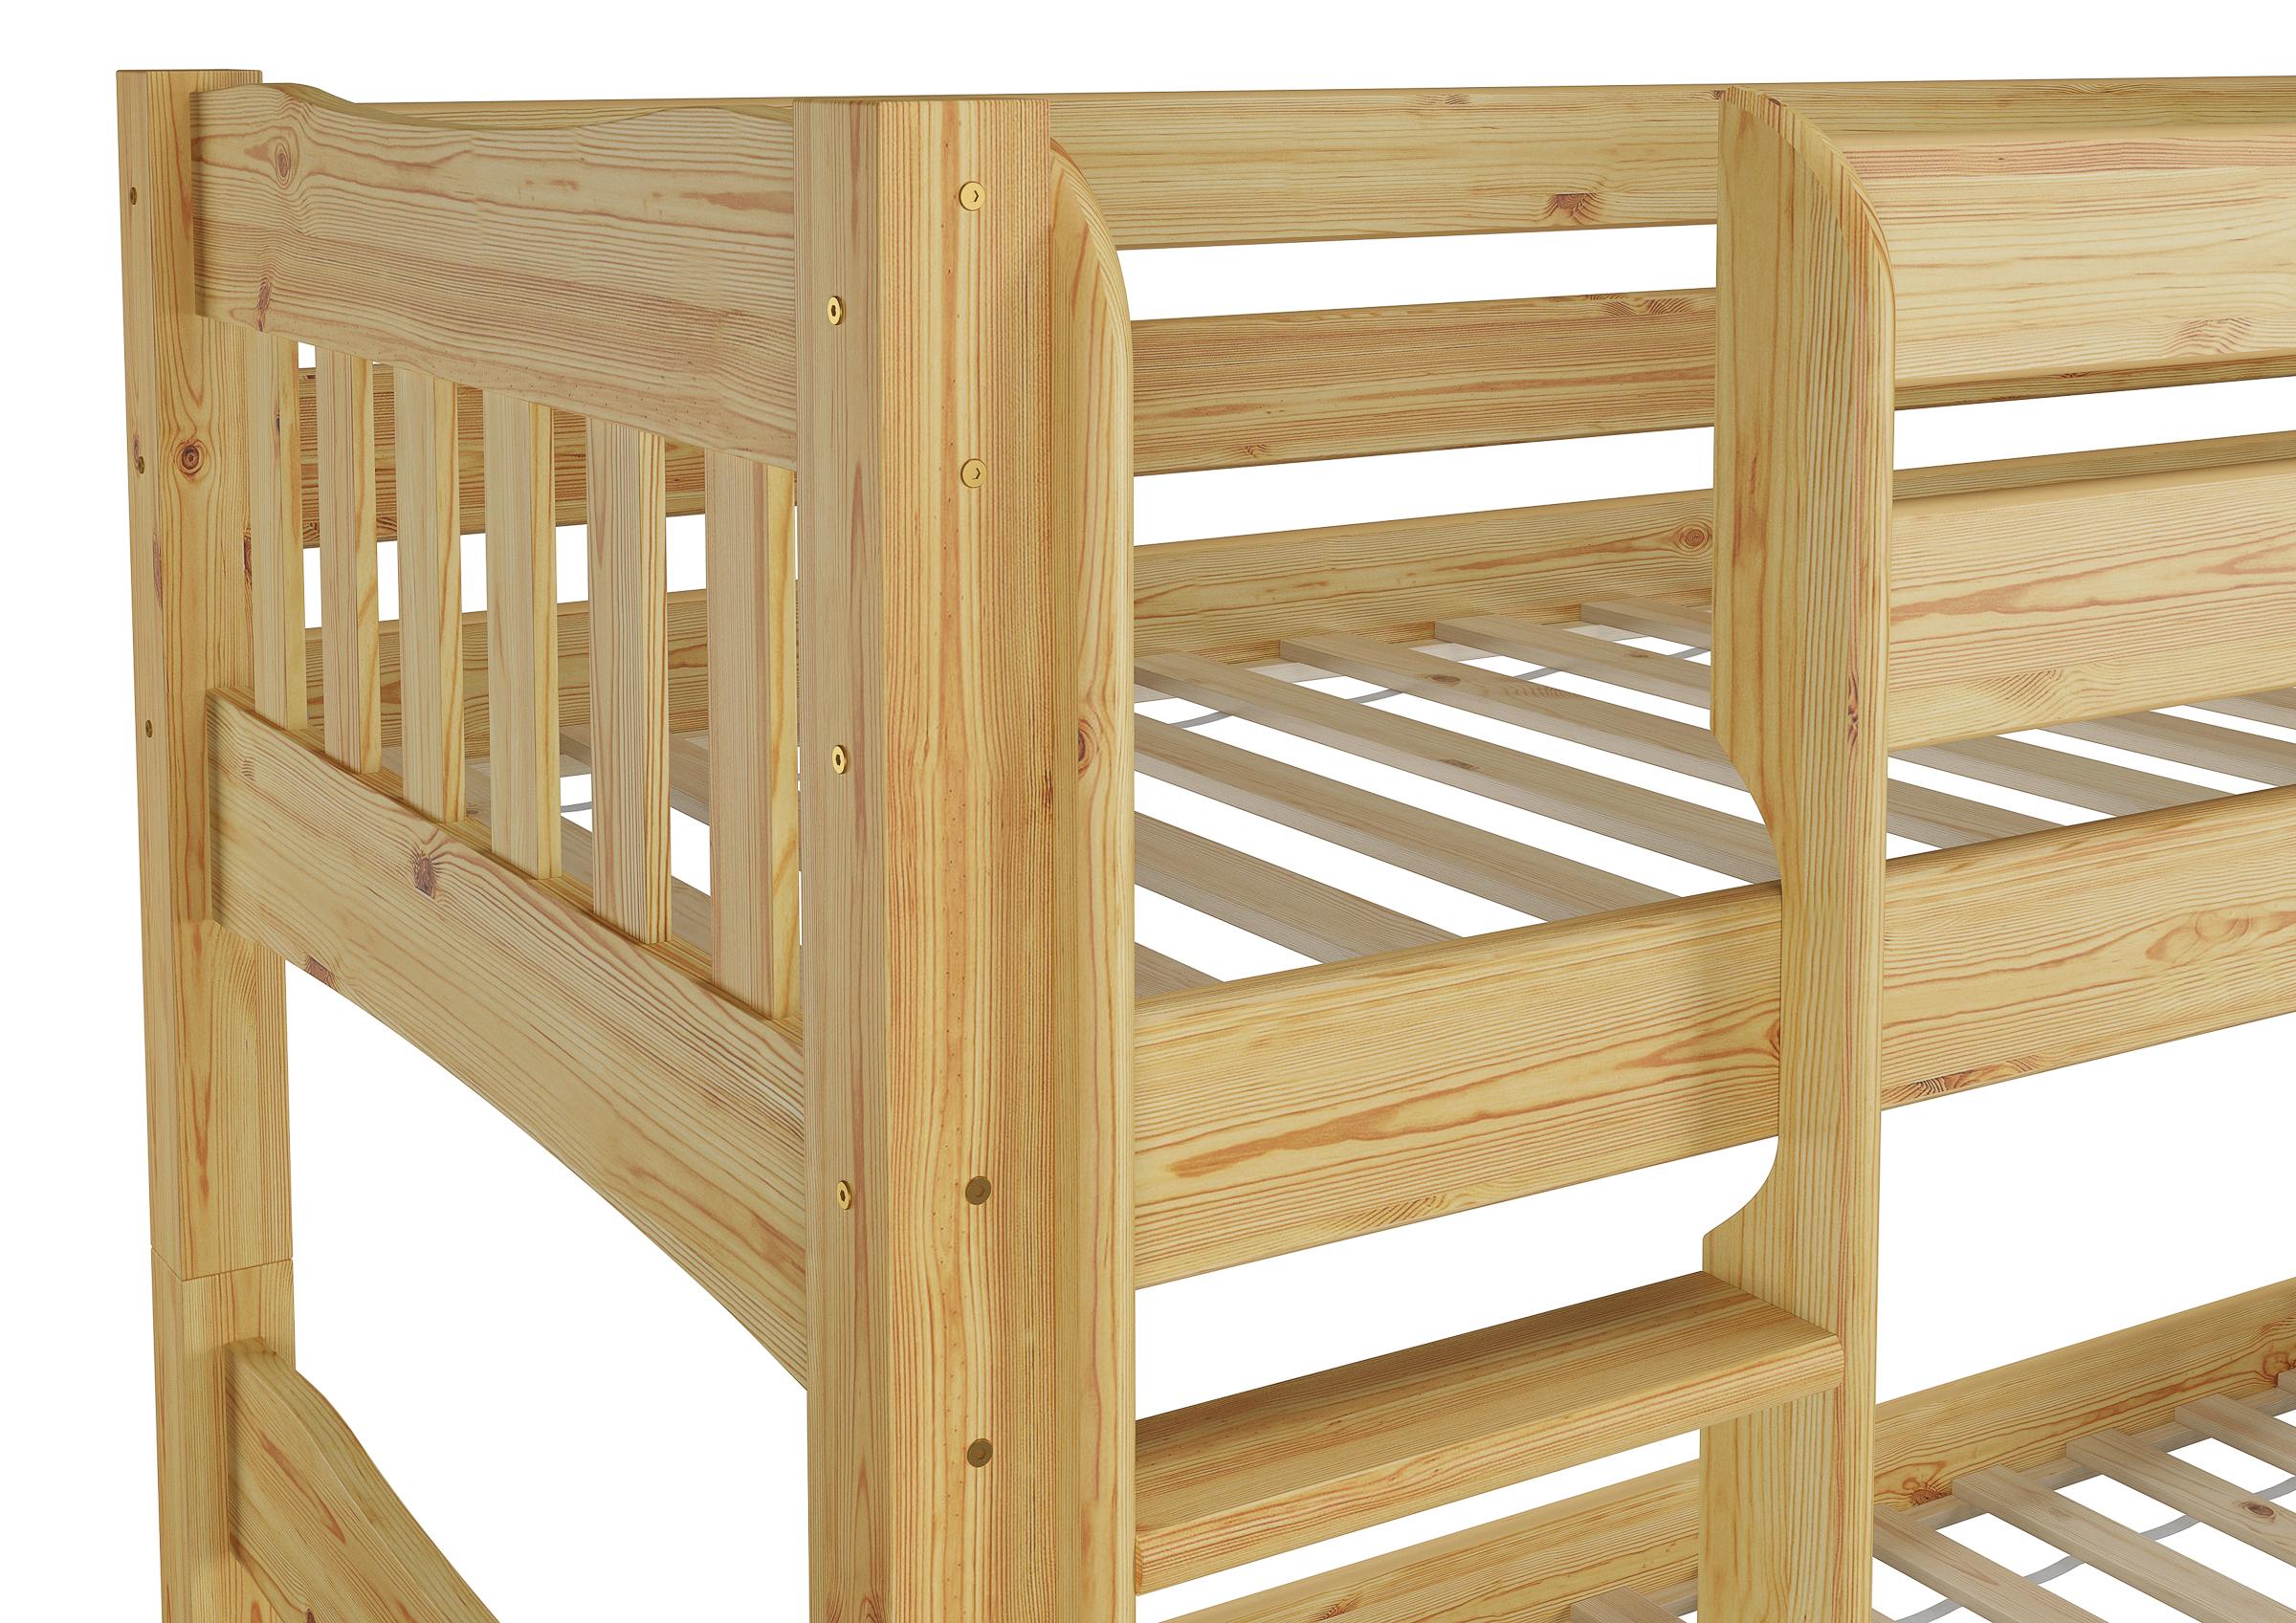 Etagenbett Nische 100 : Etagenbett hochbett st aus metall teilbar in einzelbetten x